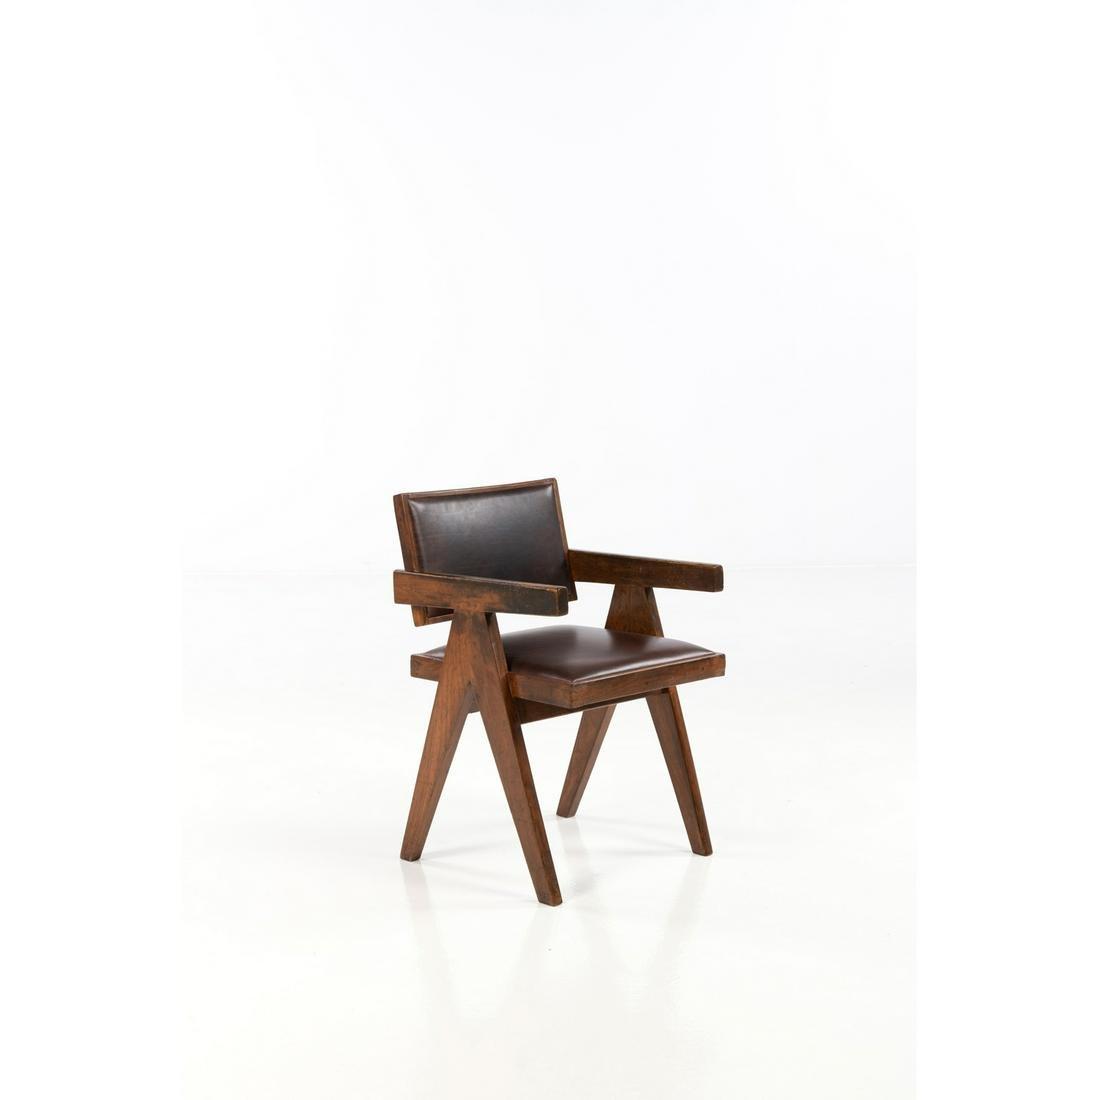 Pierre Jeanneret (1896-1967) Office chair Armchair Teak